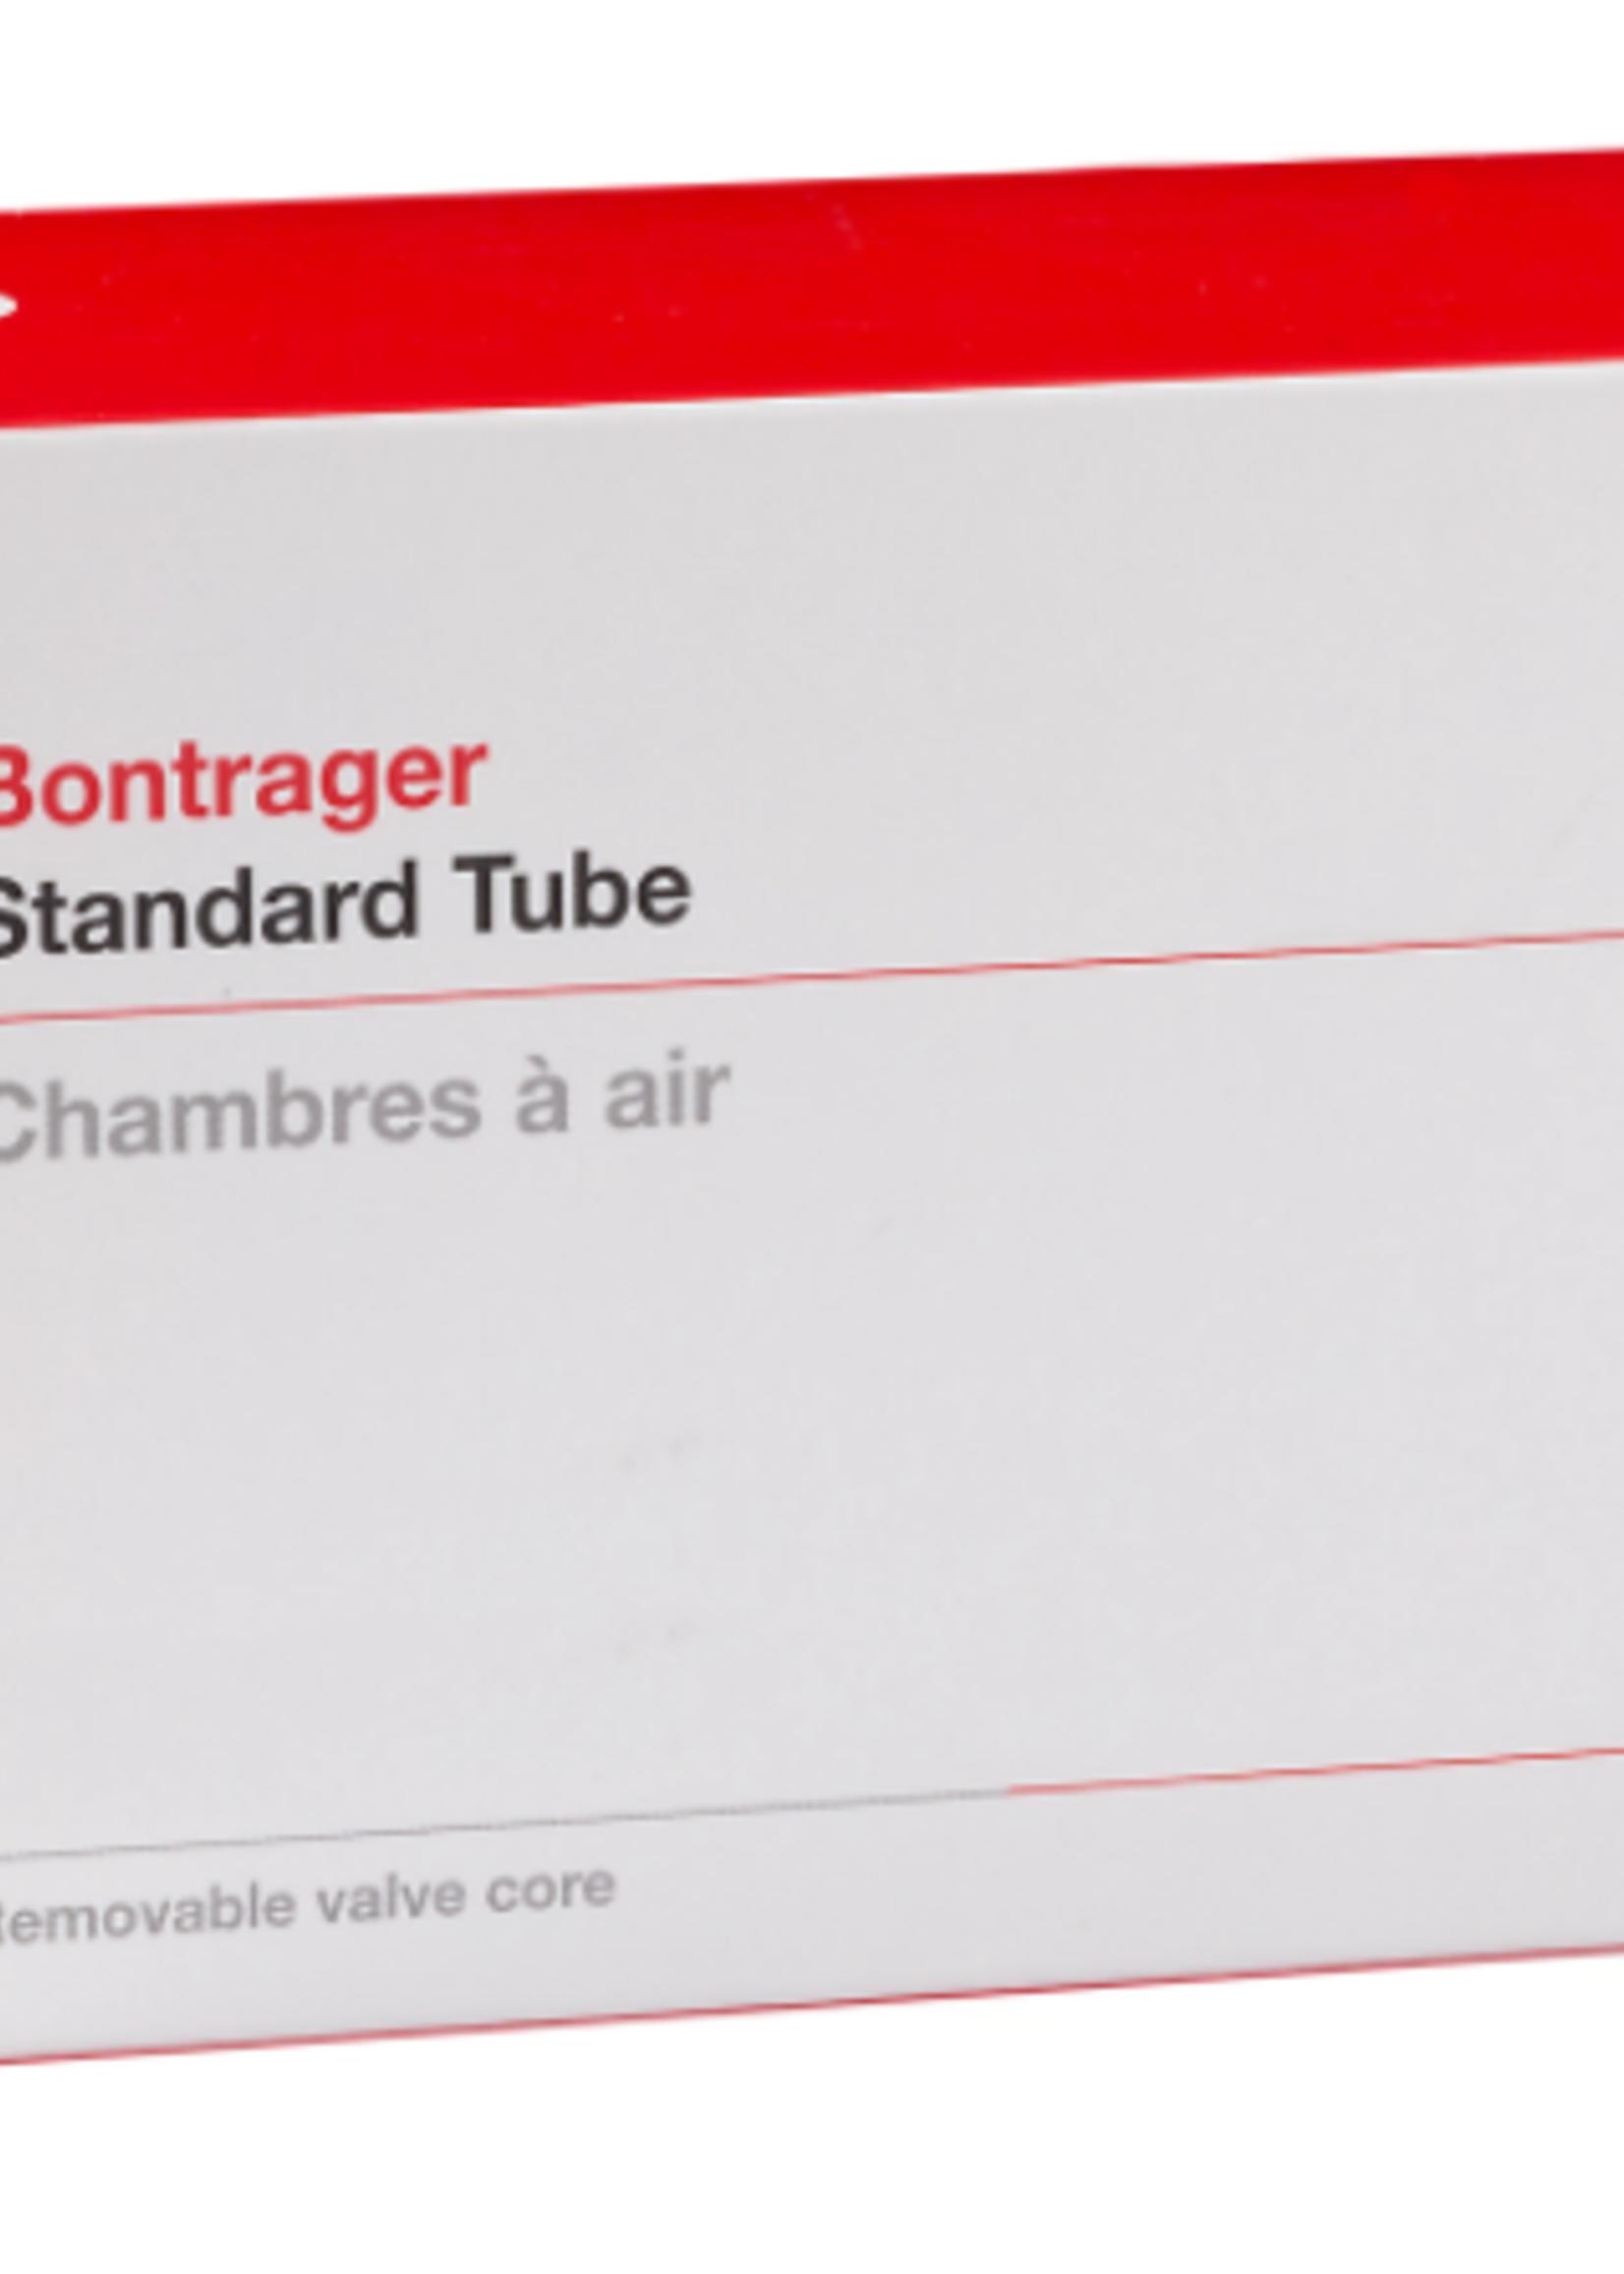 Bontrager Tube Bontrager Standard 27X1-18-1-14700X28-32Cpresta33mm